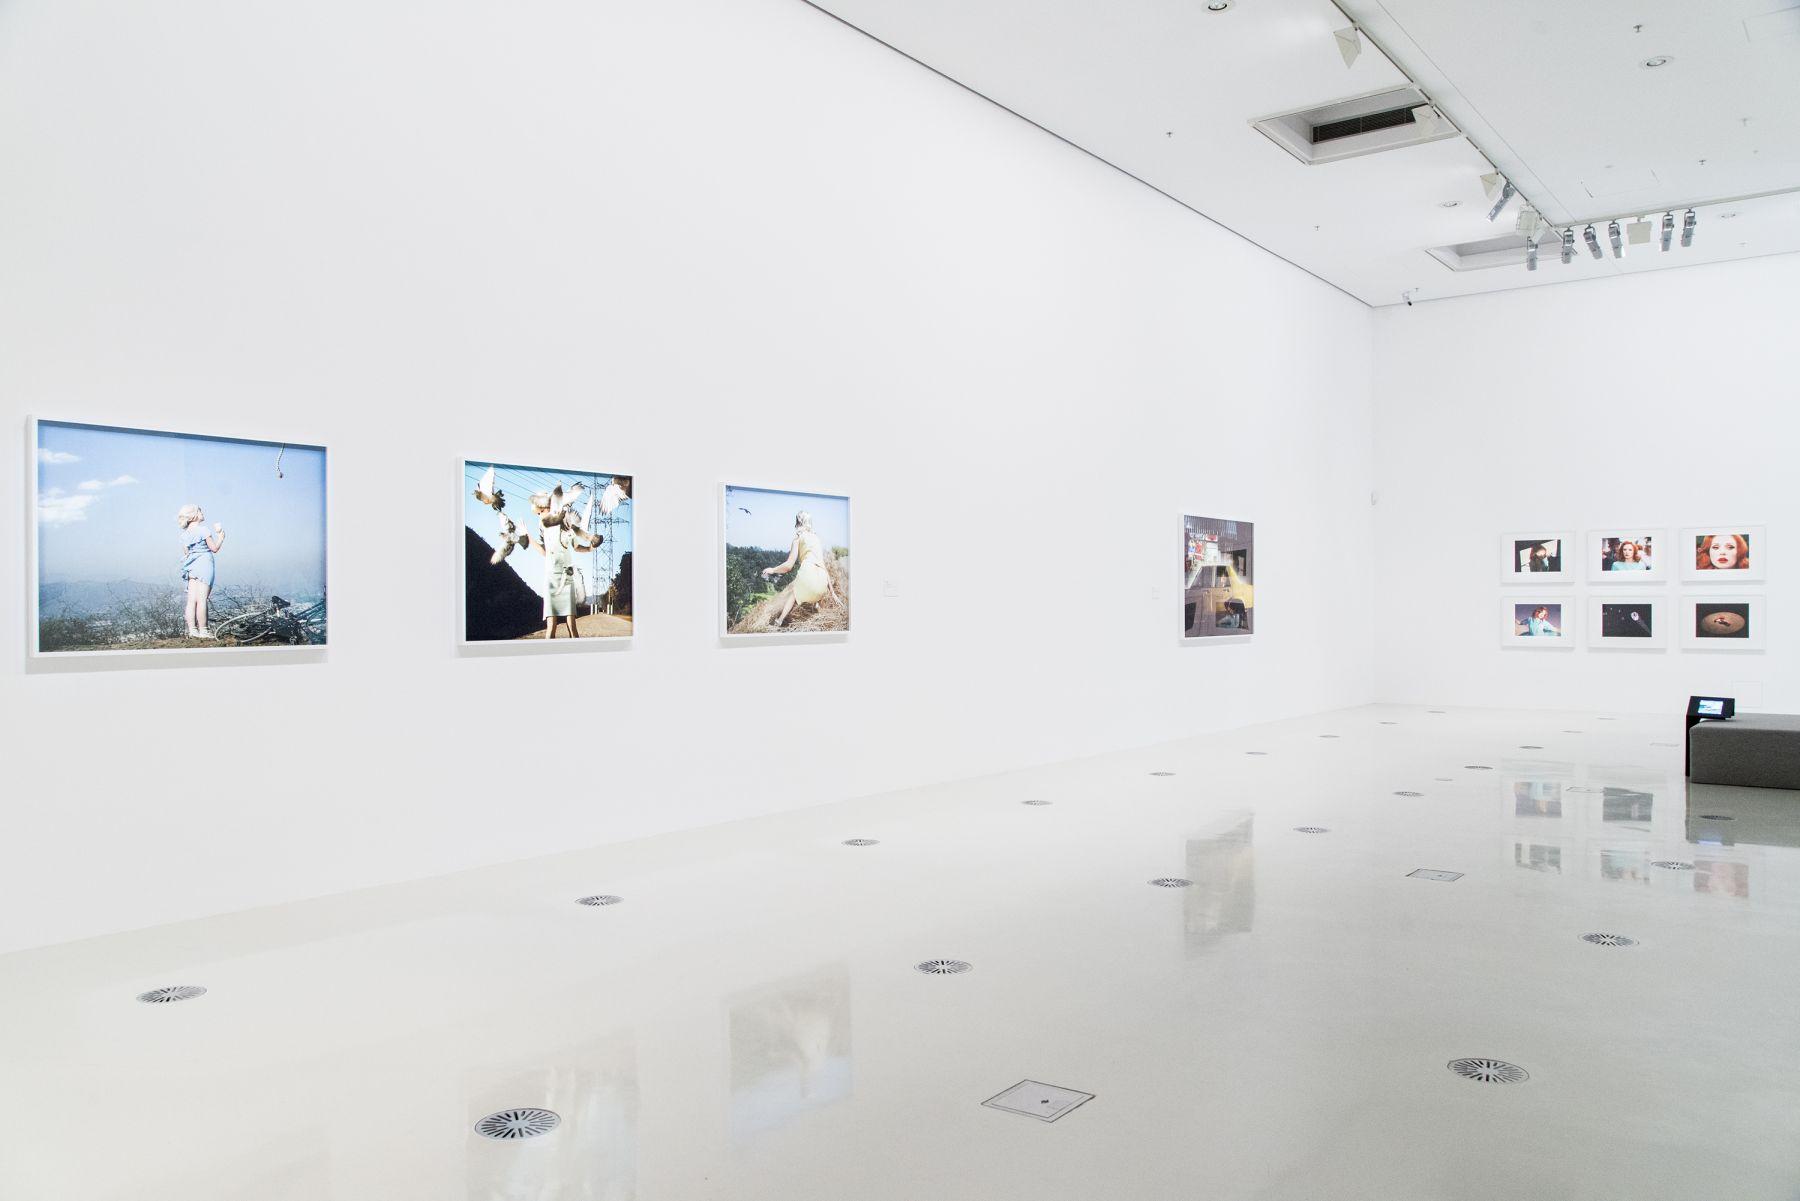 亞莉克絲·æ™®æ‹‰æ¼çˆ¾ Installation view